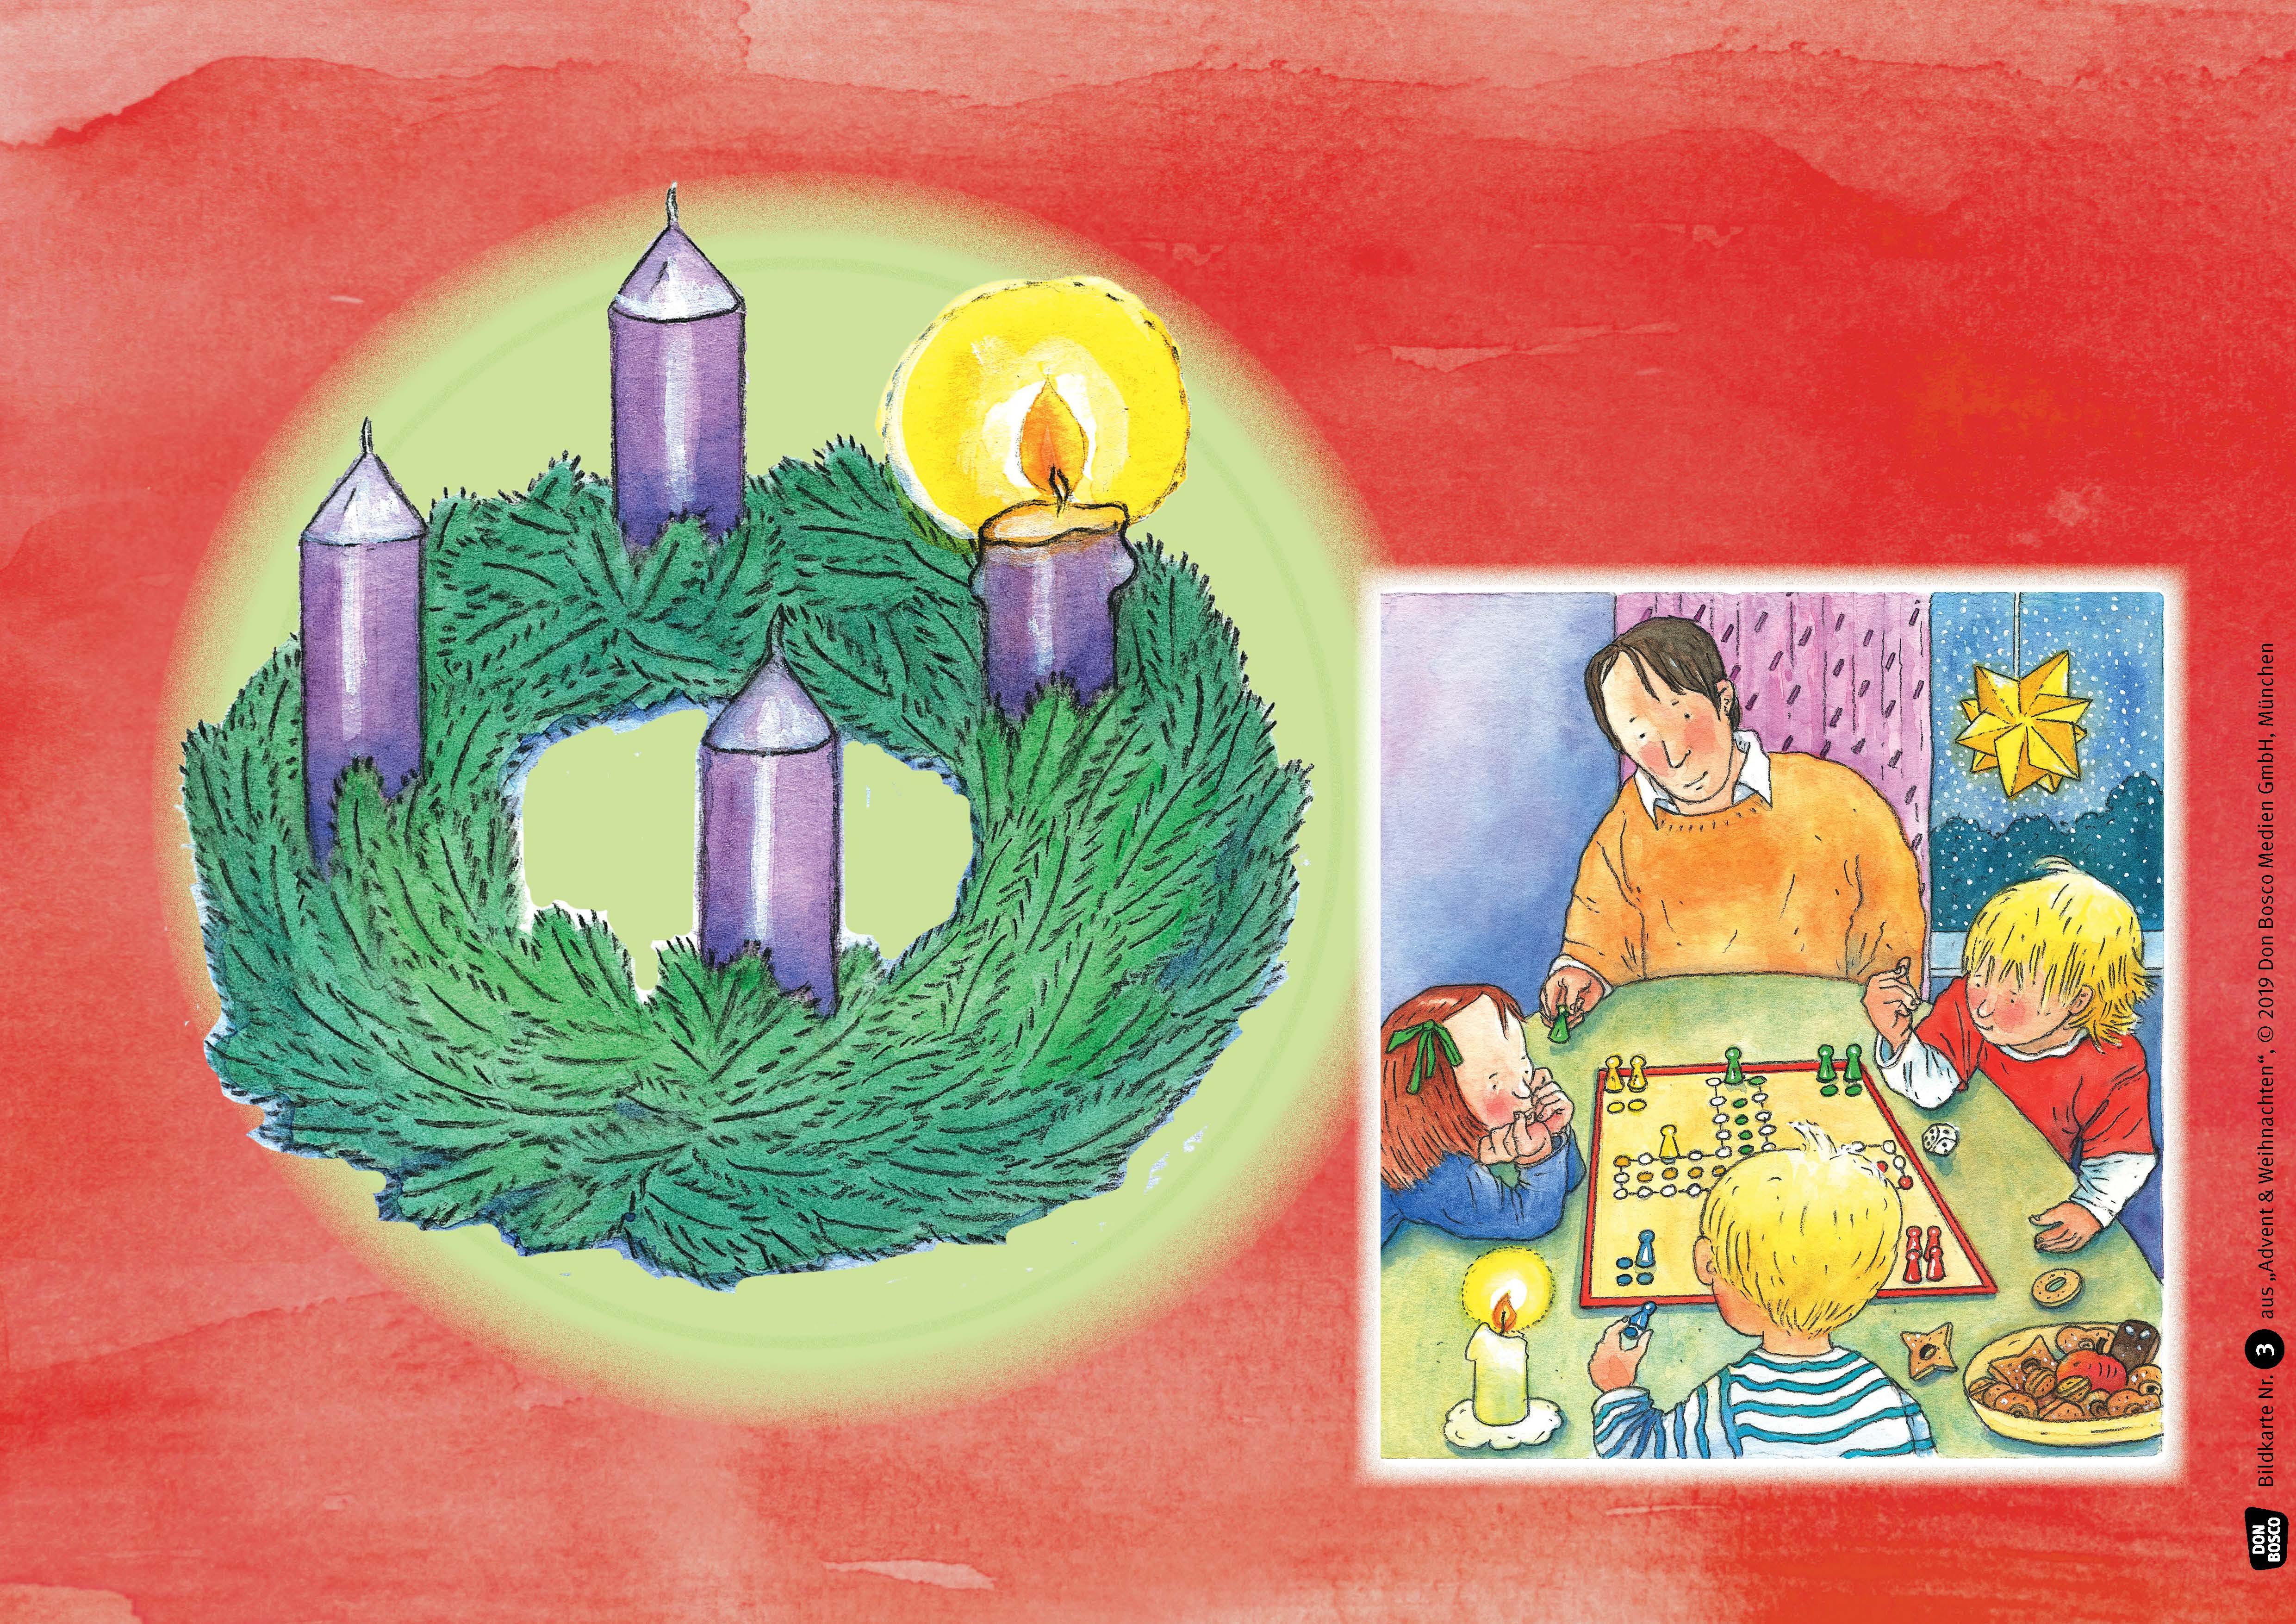 Innenansicht zu Advent und Weihnachten. Kamishibai Bildkartenset.